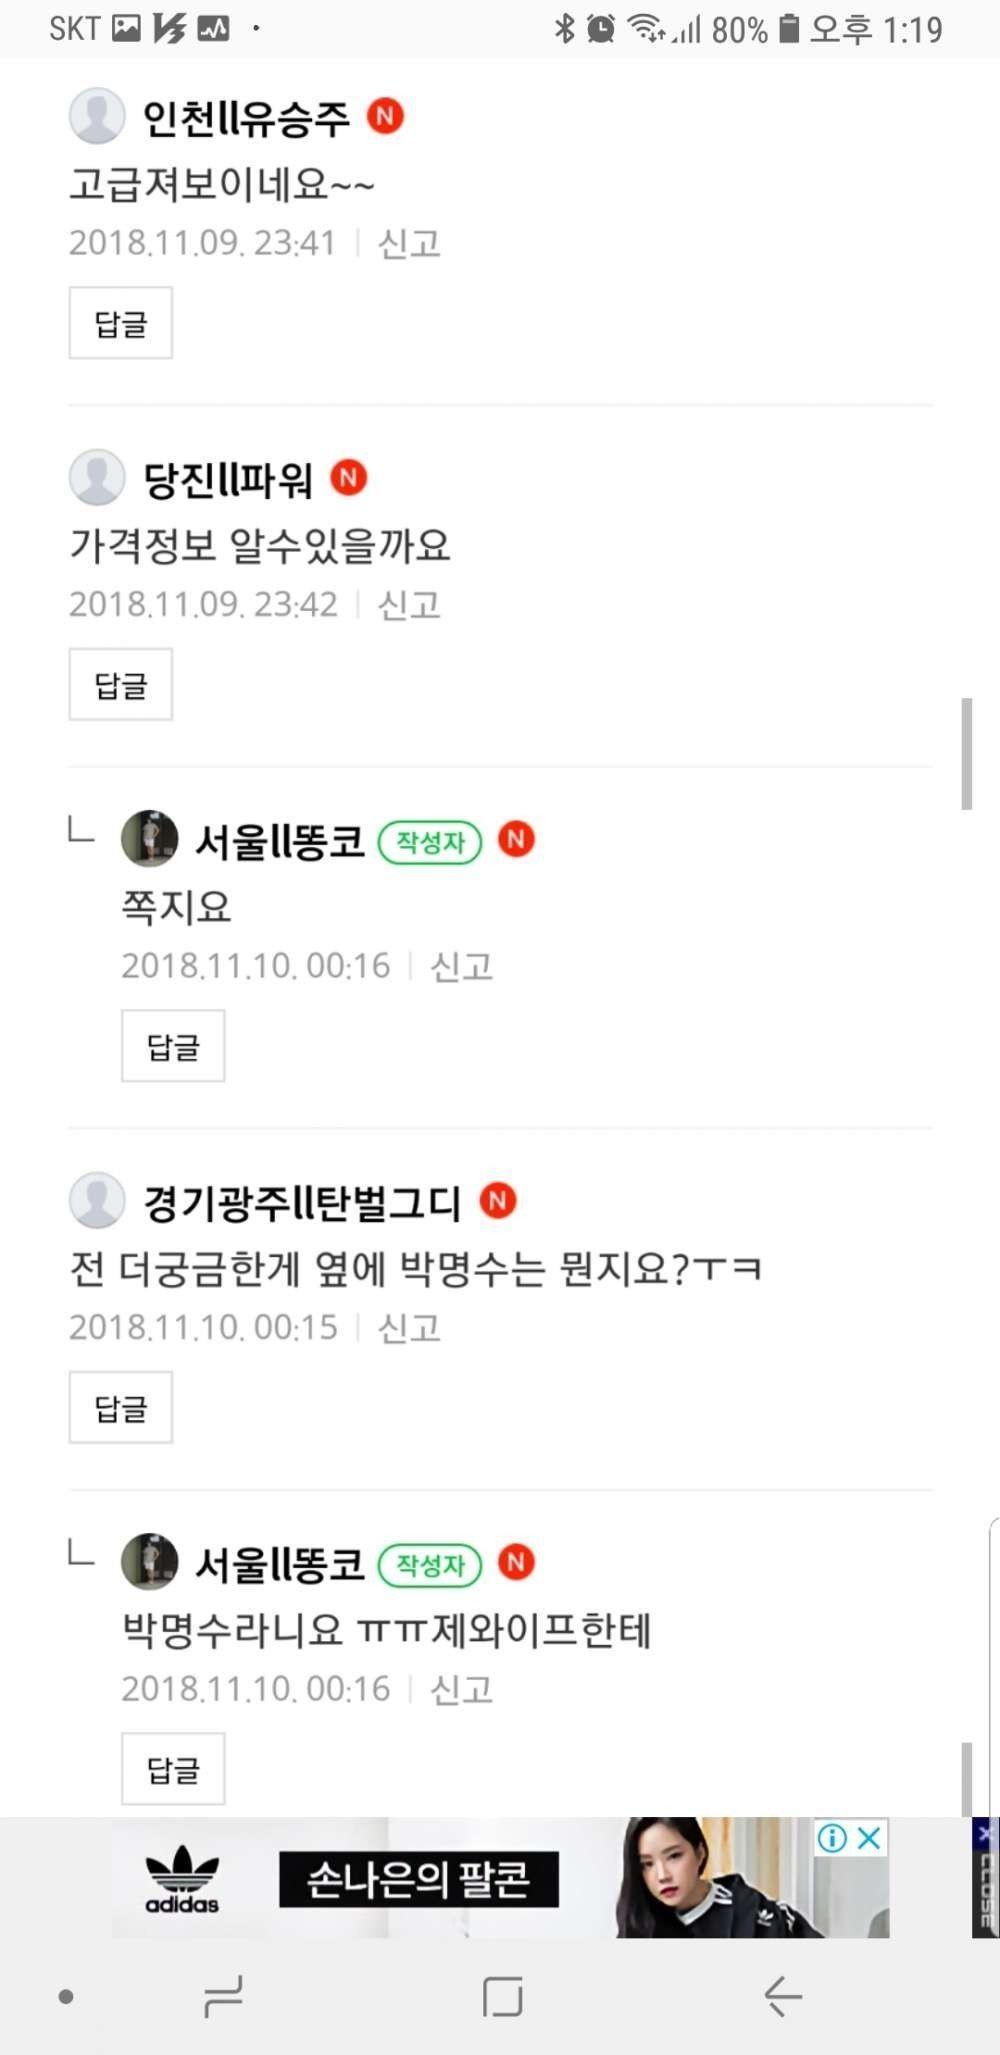 오후 인천 유승 고급 신고 답글 당진 파워 가격 정보 신고 서울 똥코 작성자 쪽지 신고